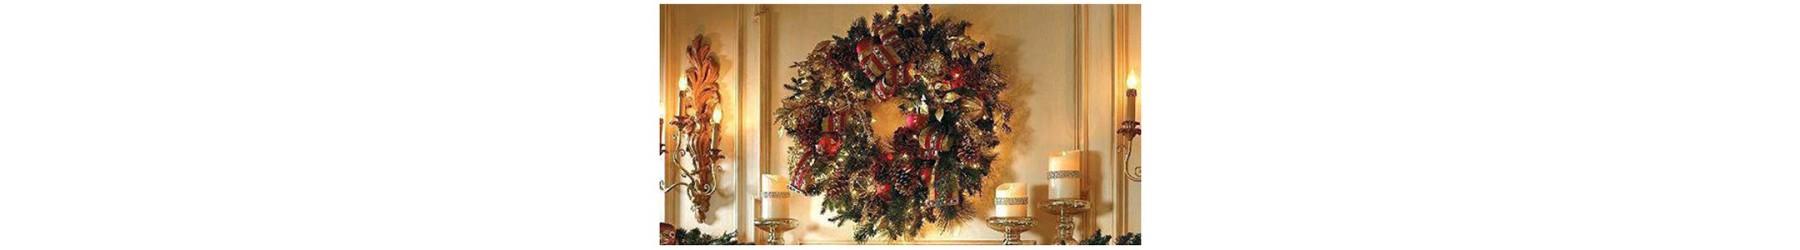 Χριστουγεννιάτικα στεφάνια για να διακοσμήσετε κάθε χώρο